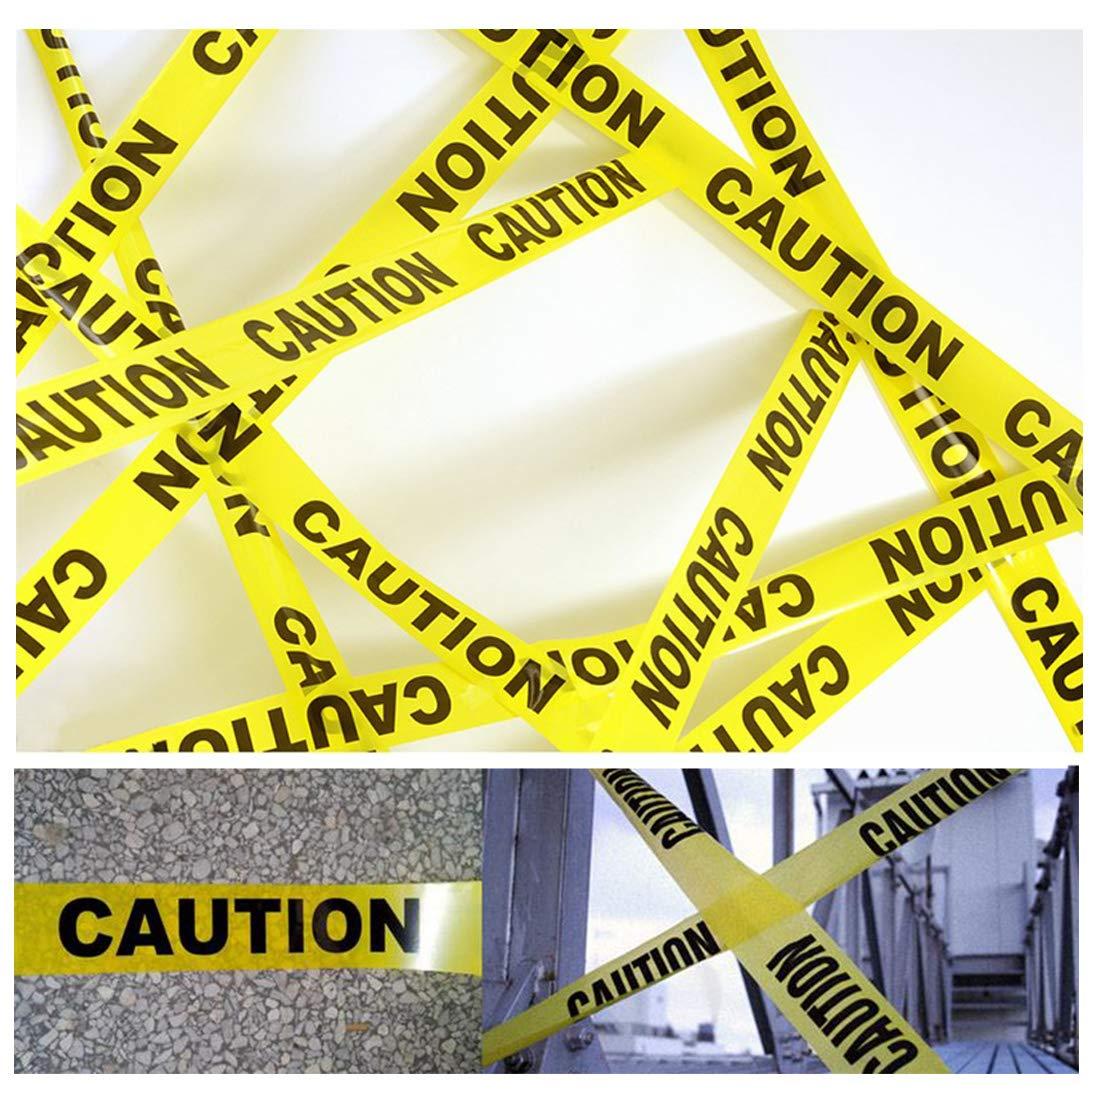 F/üR Stufen-Eigenschafts-Gaslinie-Strafverfolgungs-Bau-Arbeiten 100M Warnband Vorsicht Band Warnung Absperrband Bodenmarkierungsband Gelb Schwarzes Nichtklebendes Sicherheitsband